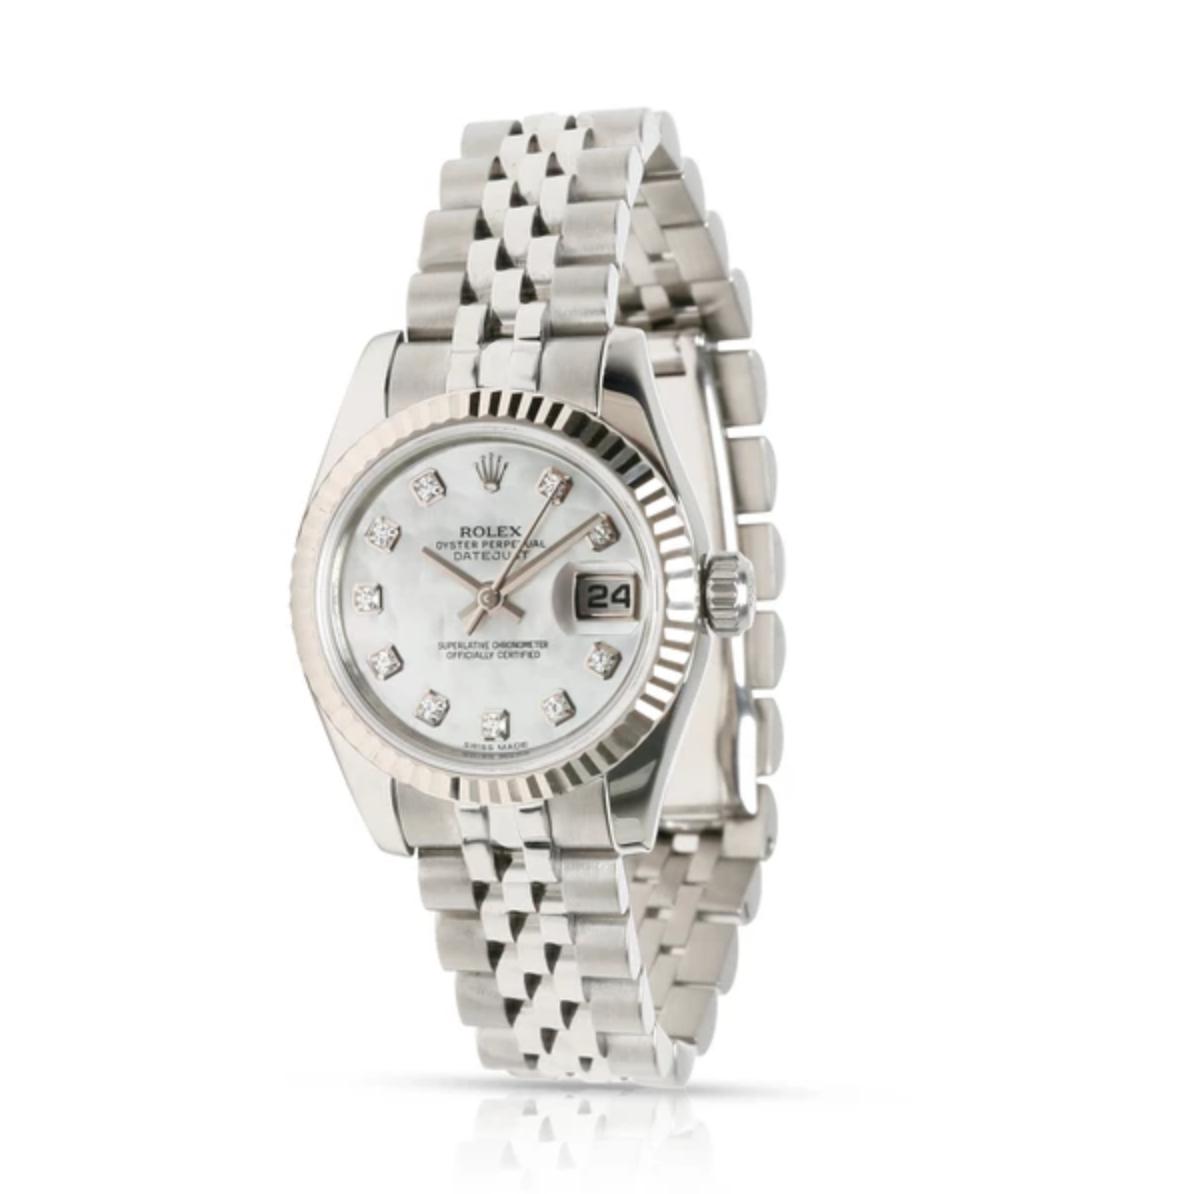 Rolex Datejust 179174 Women's Watch in 18kt White Gold/Steel